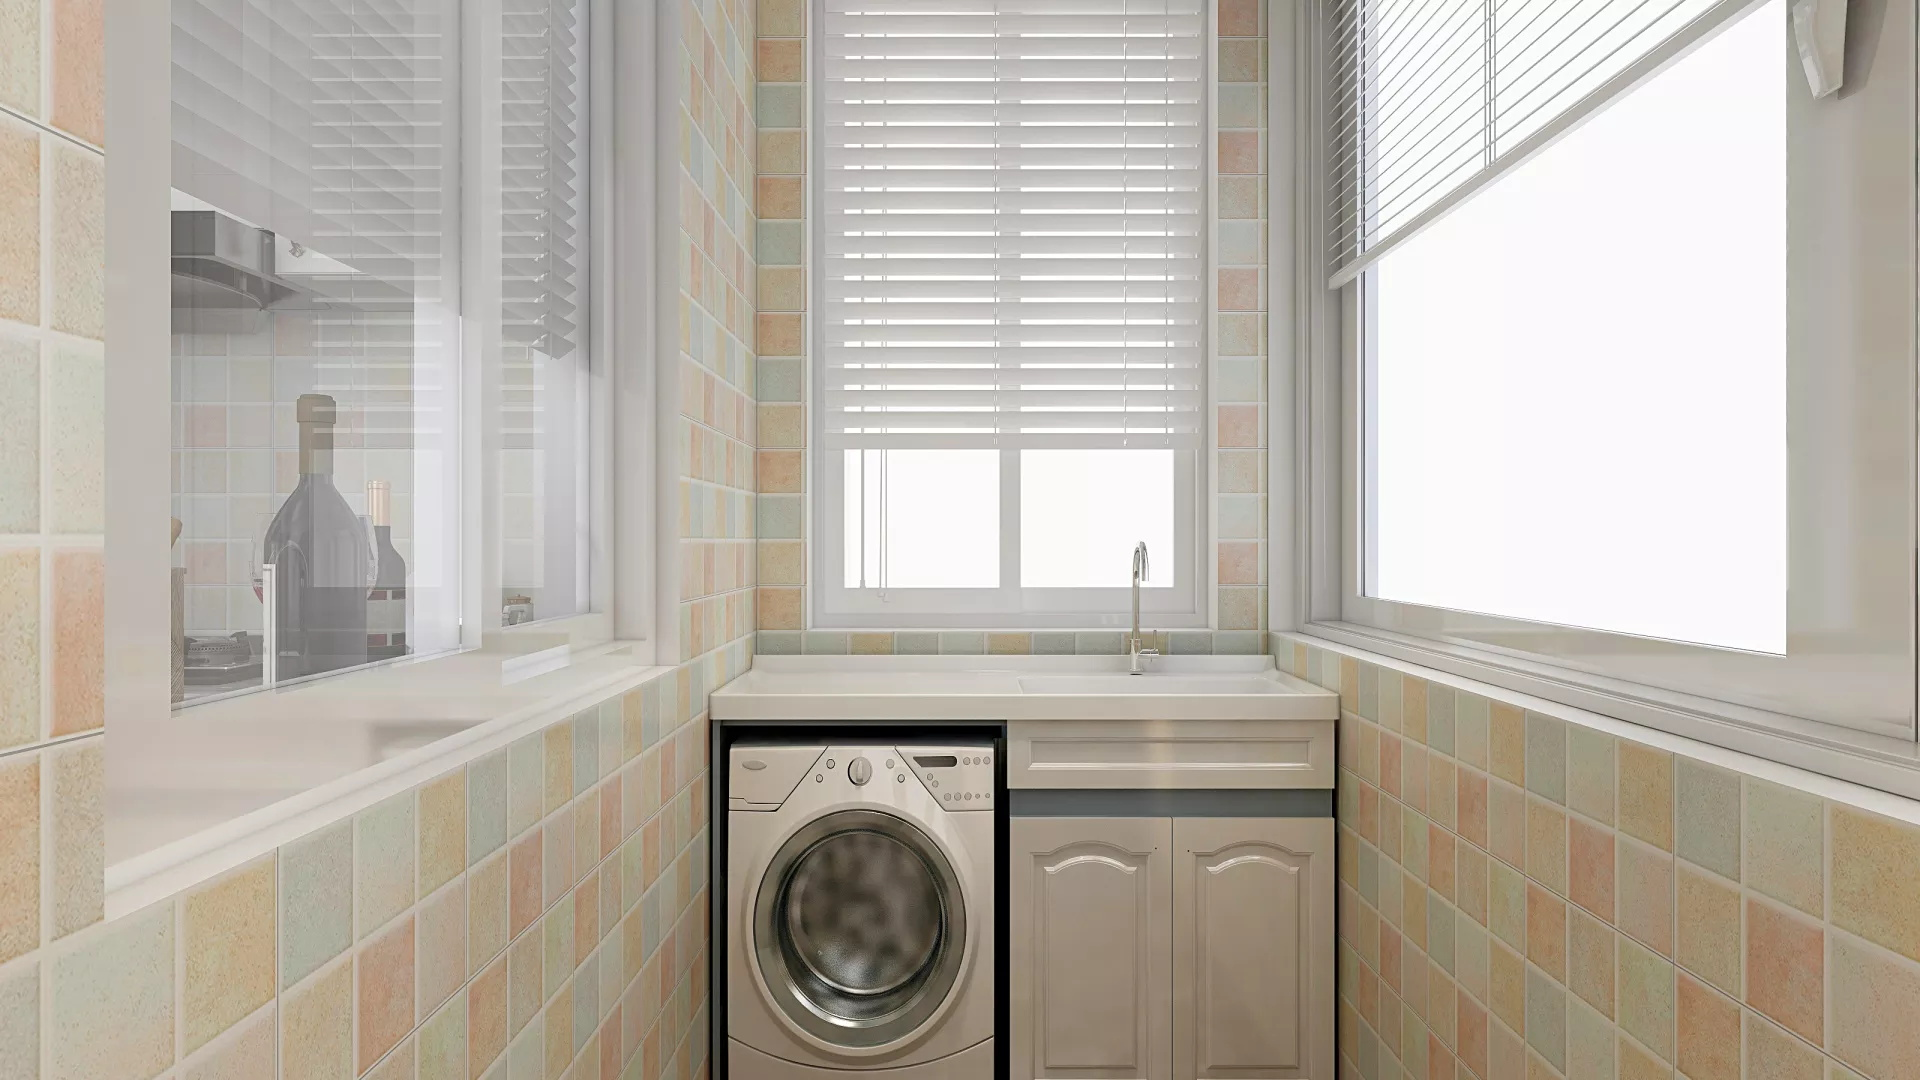 卫生间漏水如何判断 卫生间漏水修补办法